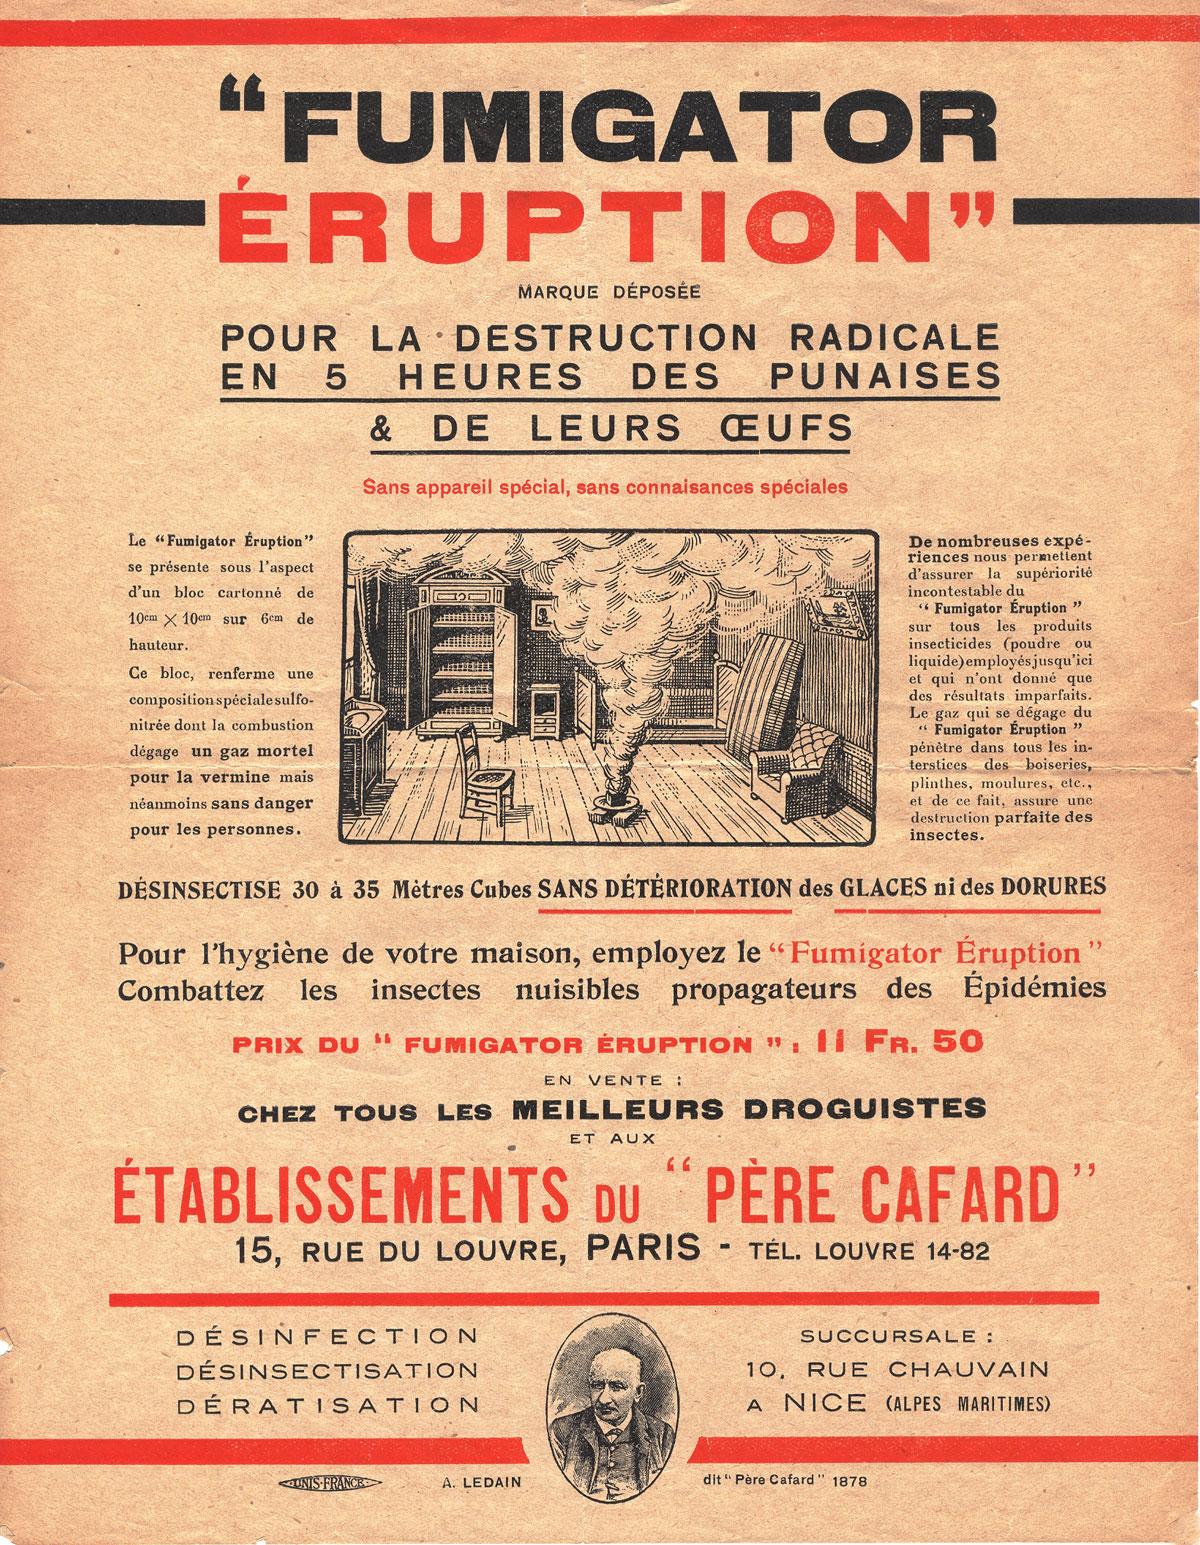 Fumigator Eruption du Père Cafard